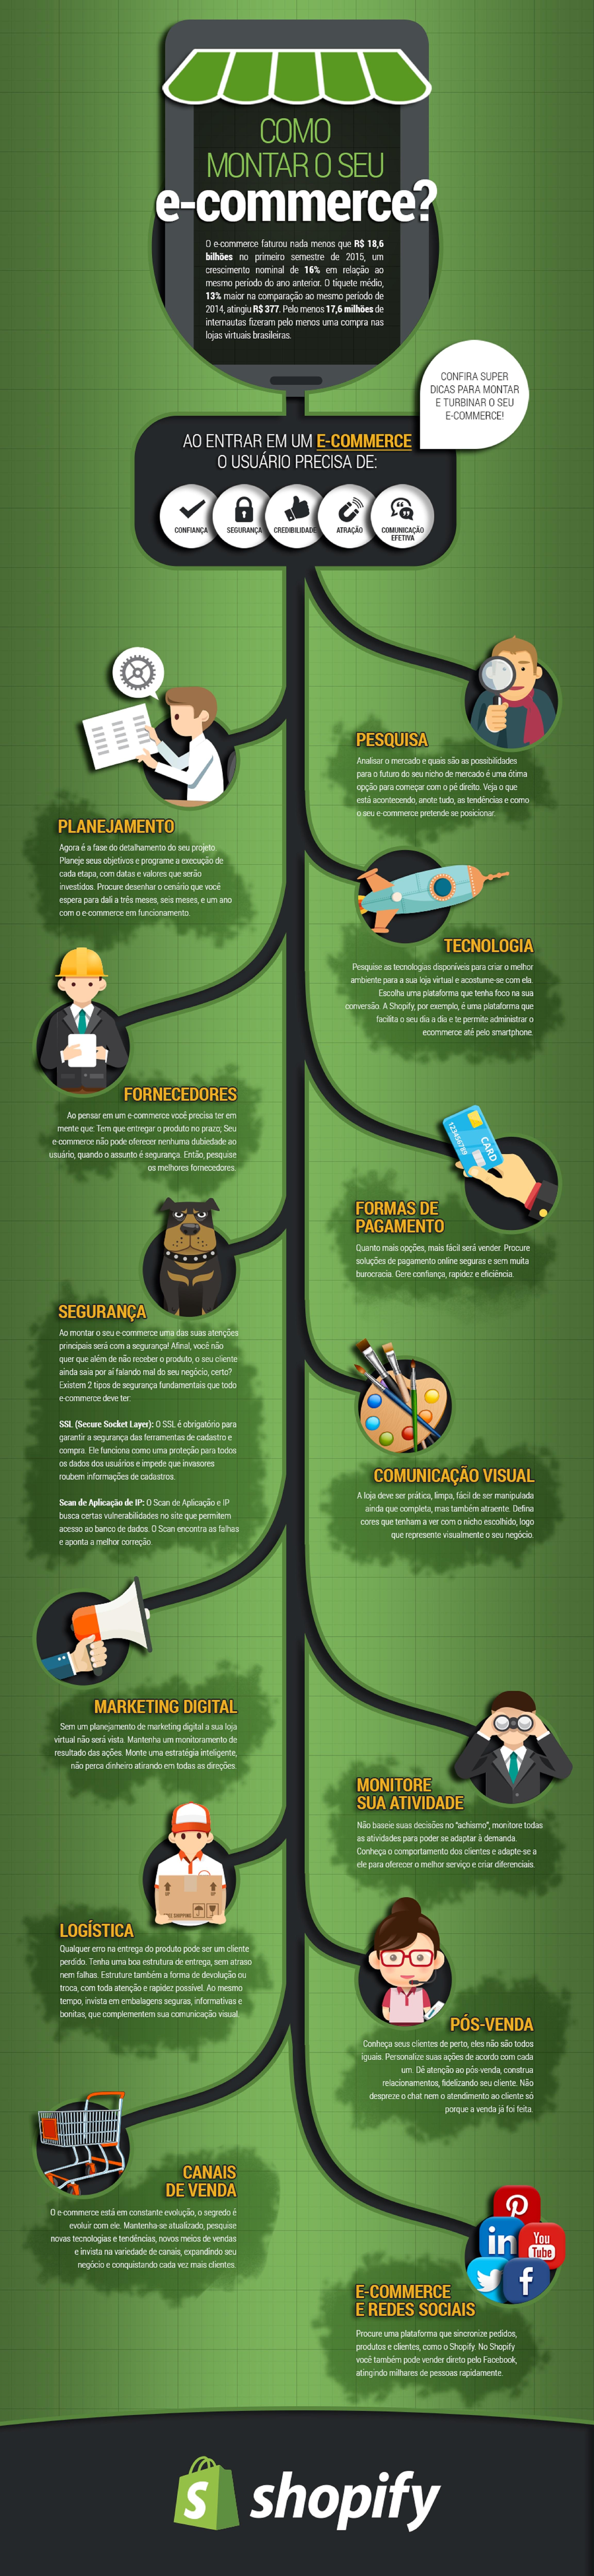 Dicas para montar seu e-commerce [infográfico]